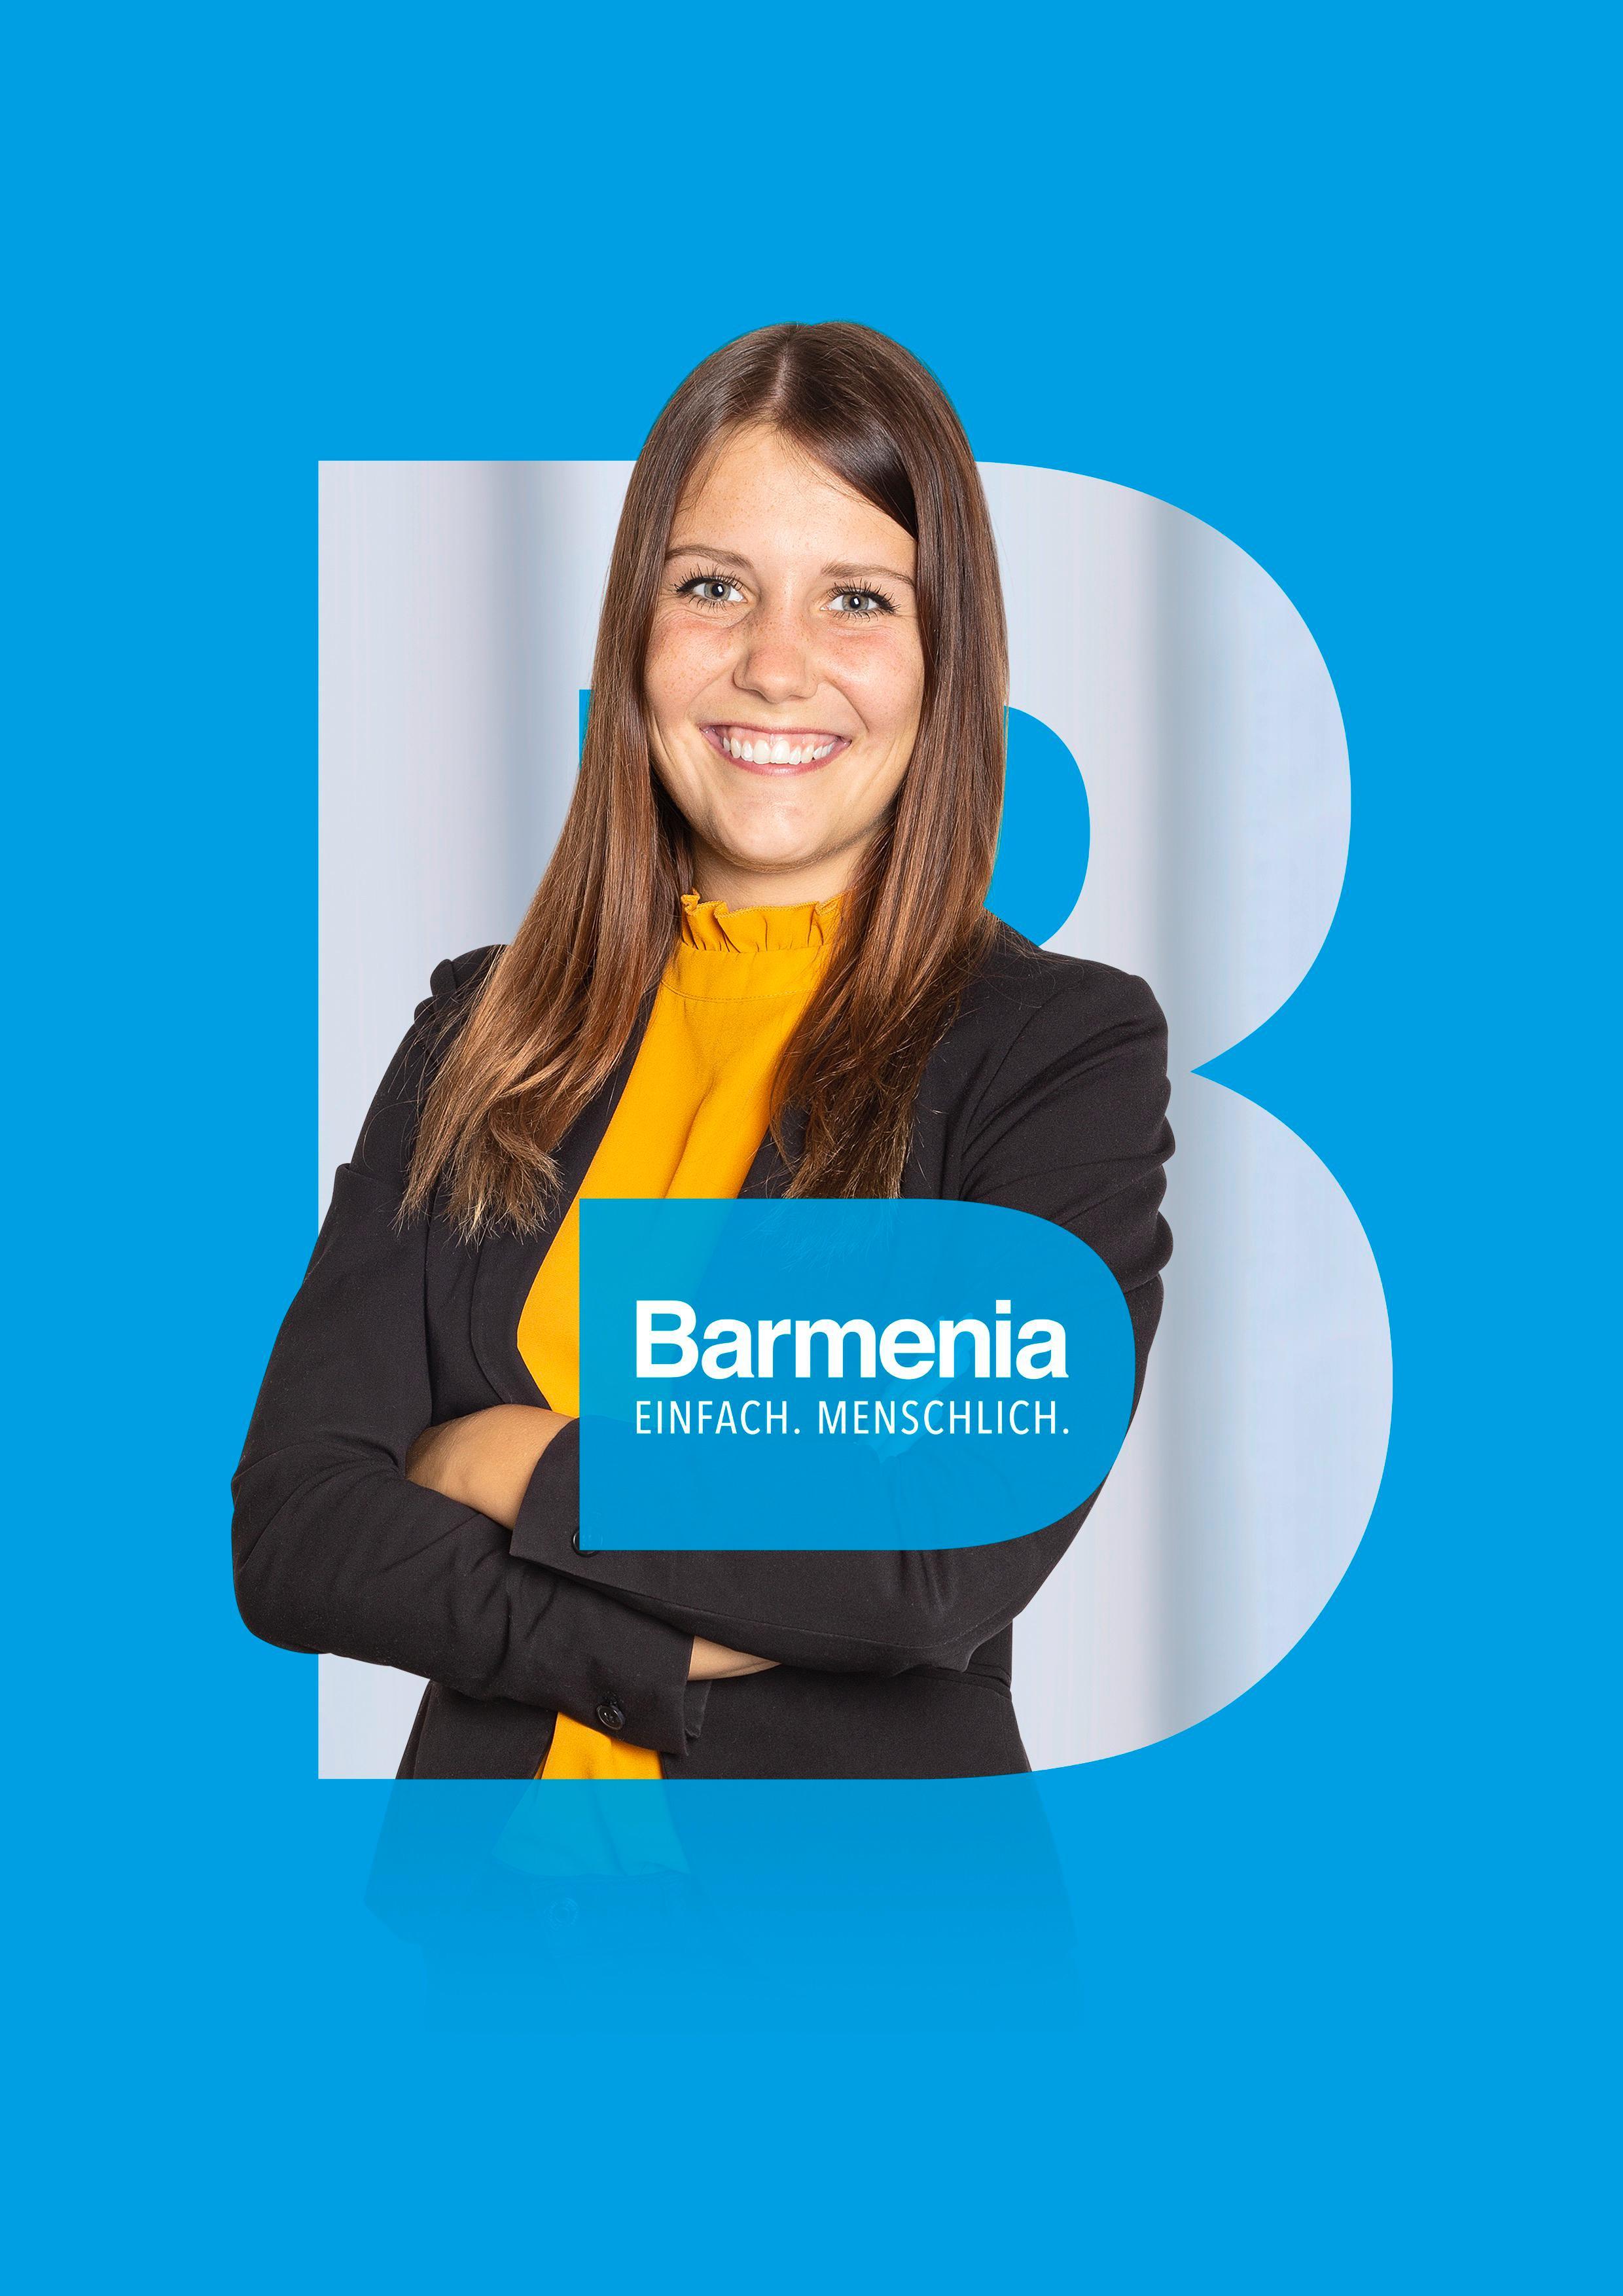 Barmenia Versicherung - Irina Jozwiak